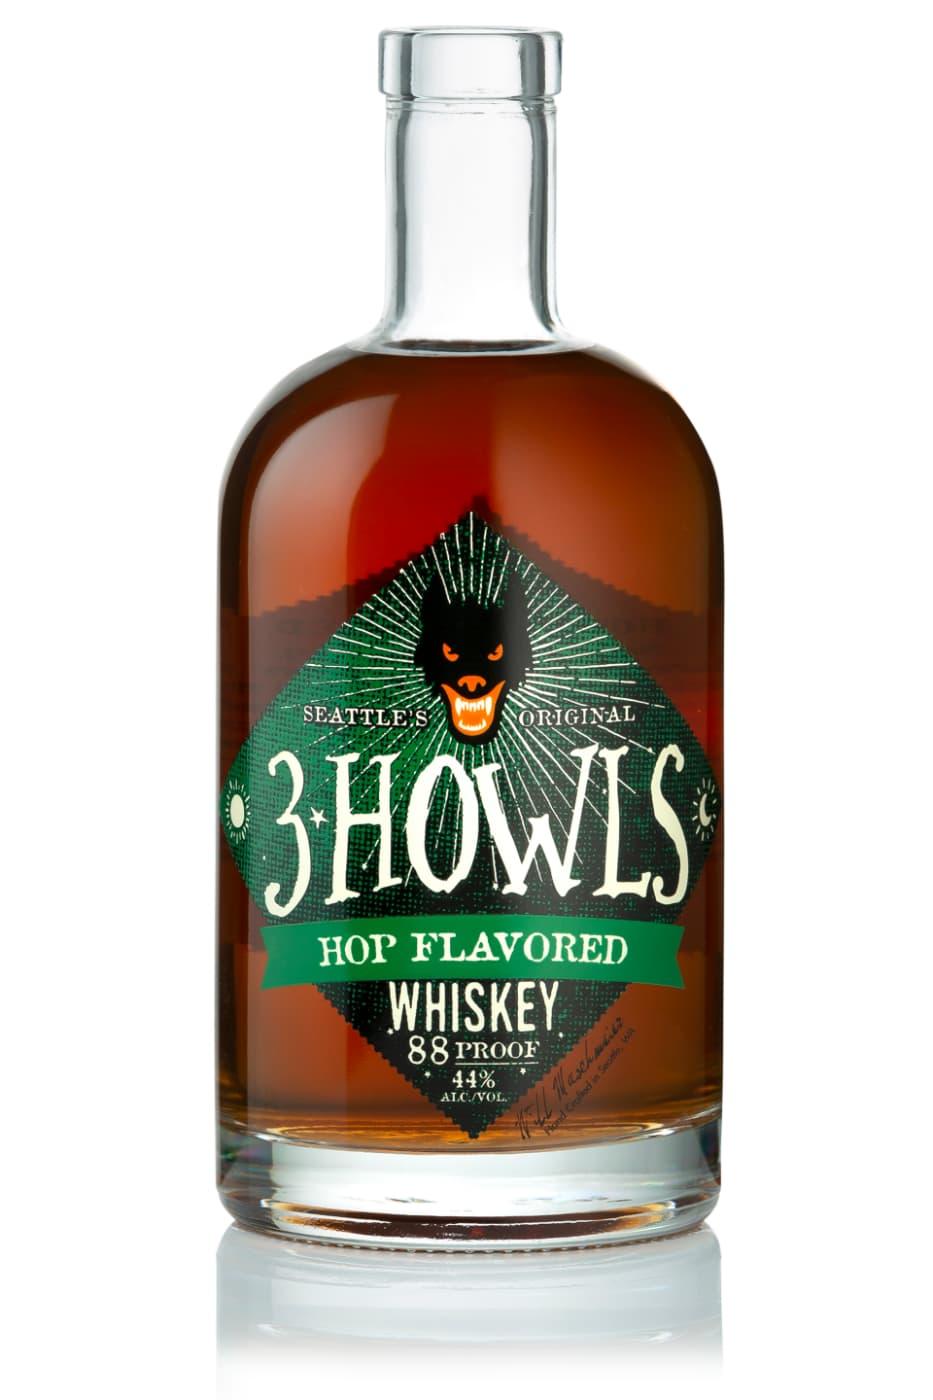 3 Howls Whiskey